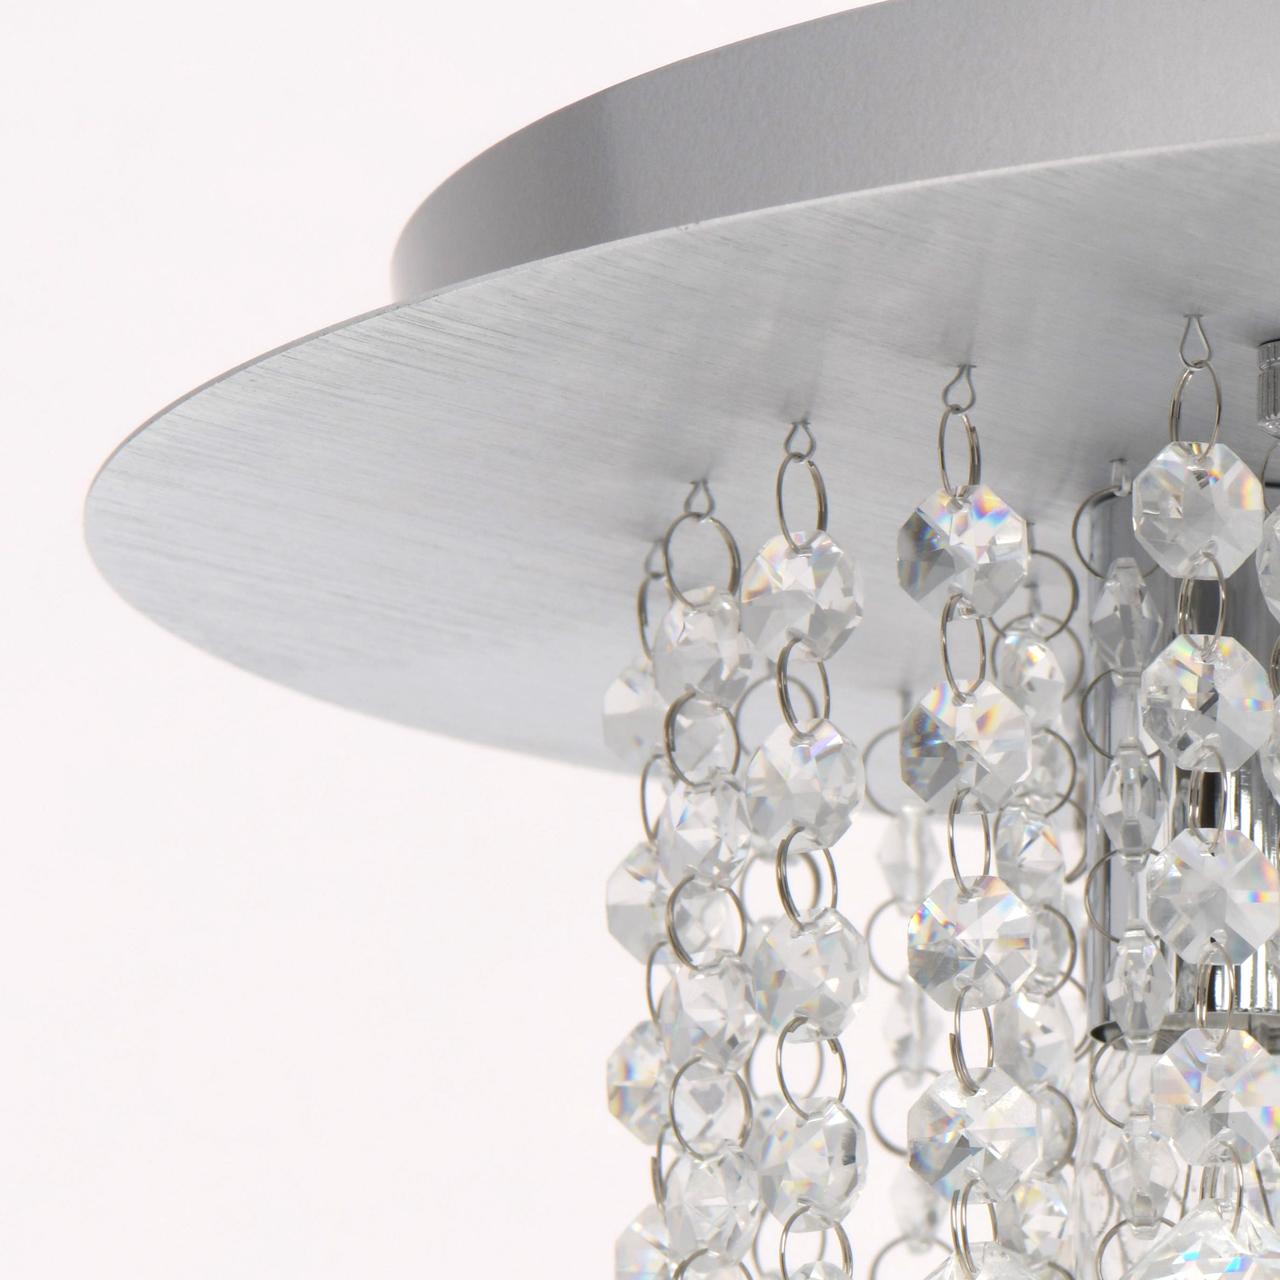 Потолочная люстра MW-Light Венеция 276014605, серебро, прозрачный, металл, хрусталь - фото 10